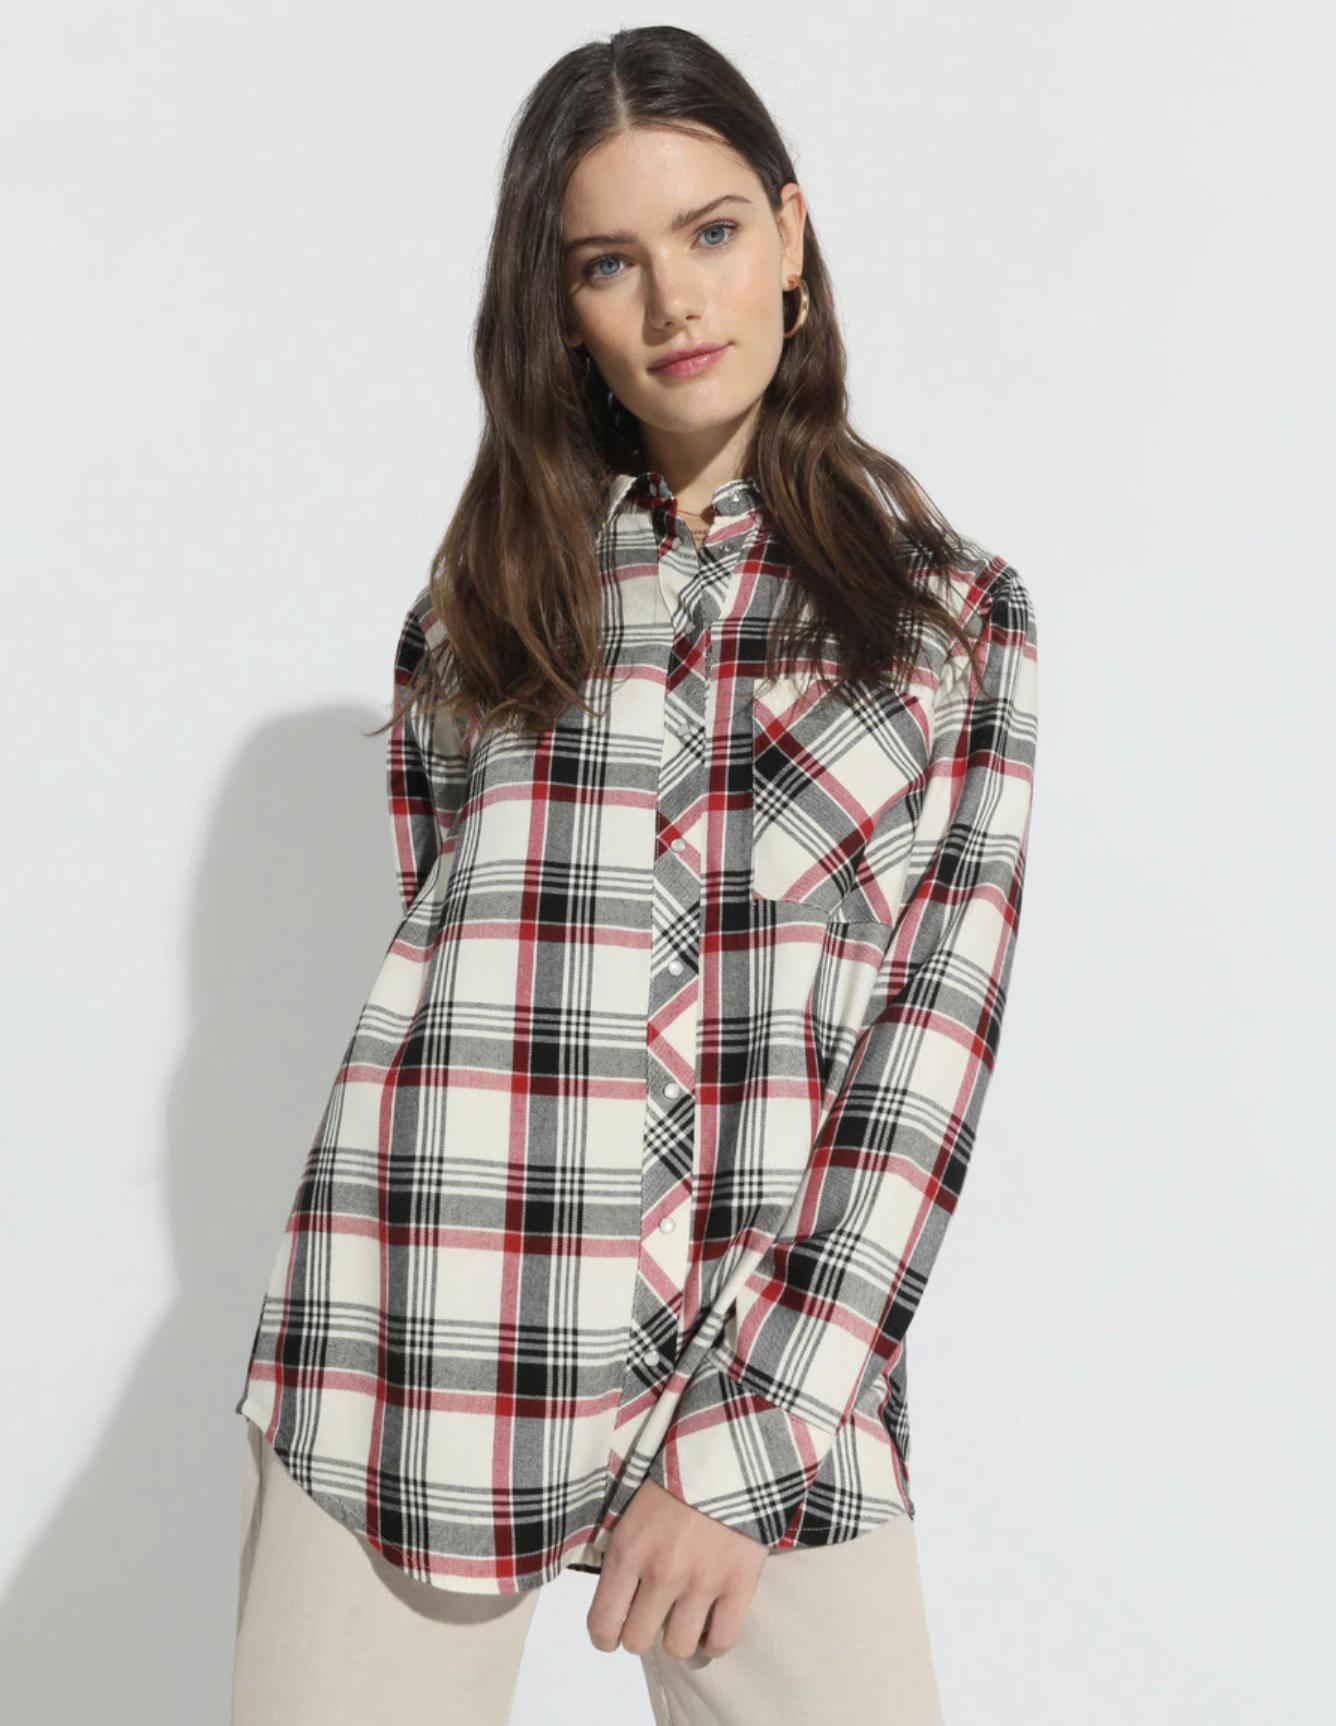 Camisa de mujer de cuadros con bolsillo frontal